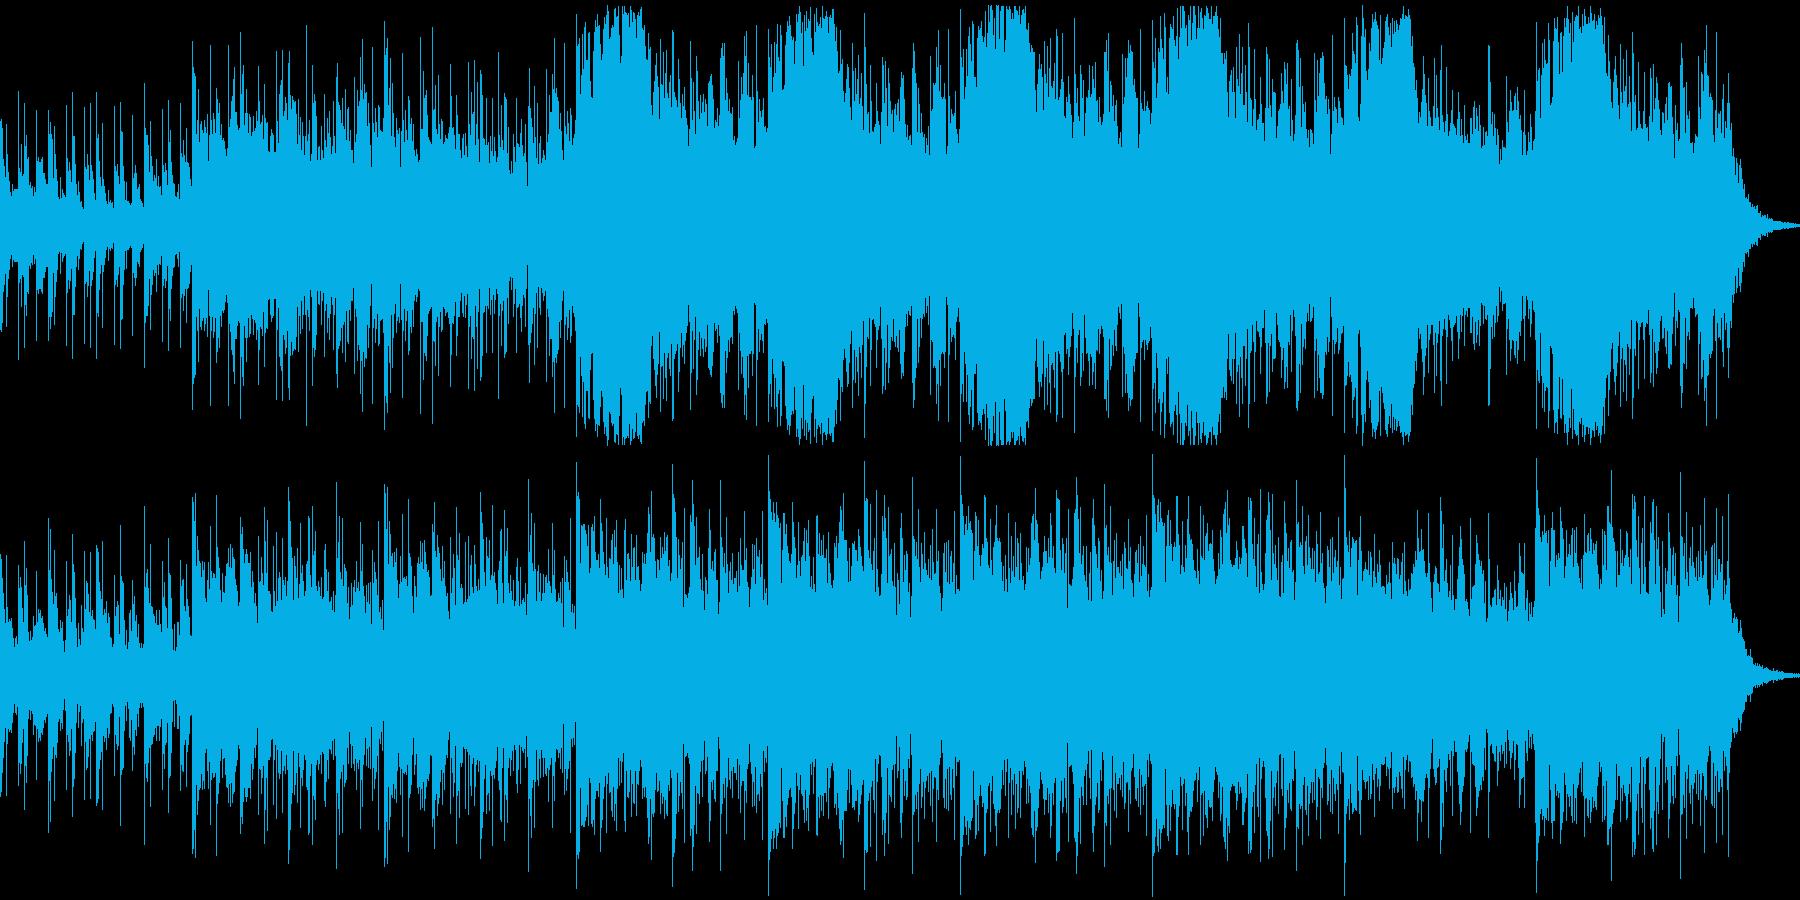 犯人が何かしそうなときのBGMです。の再生済みの波形